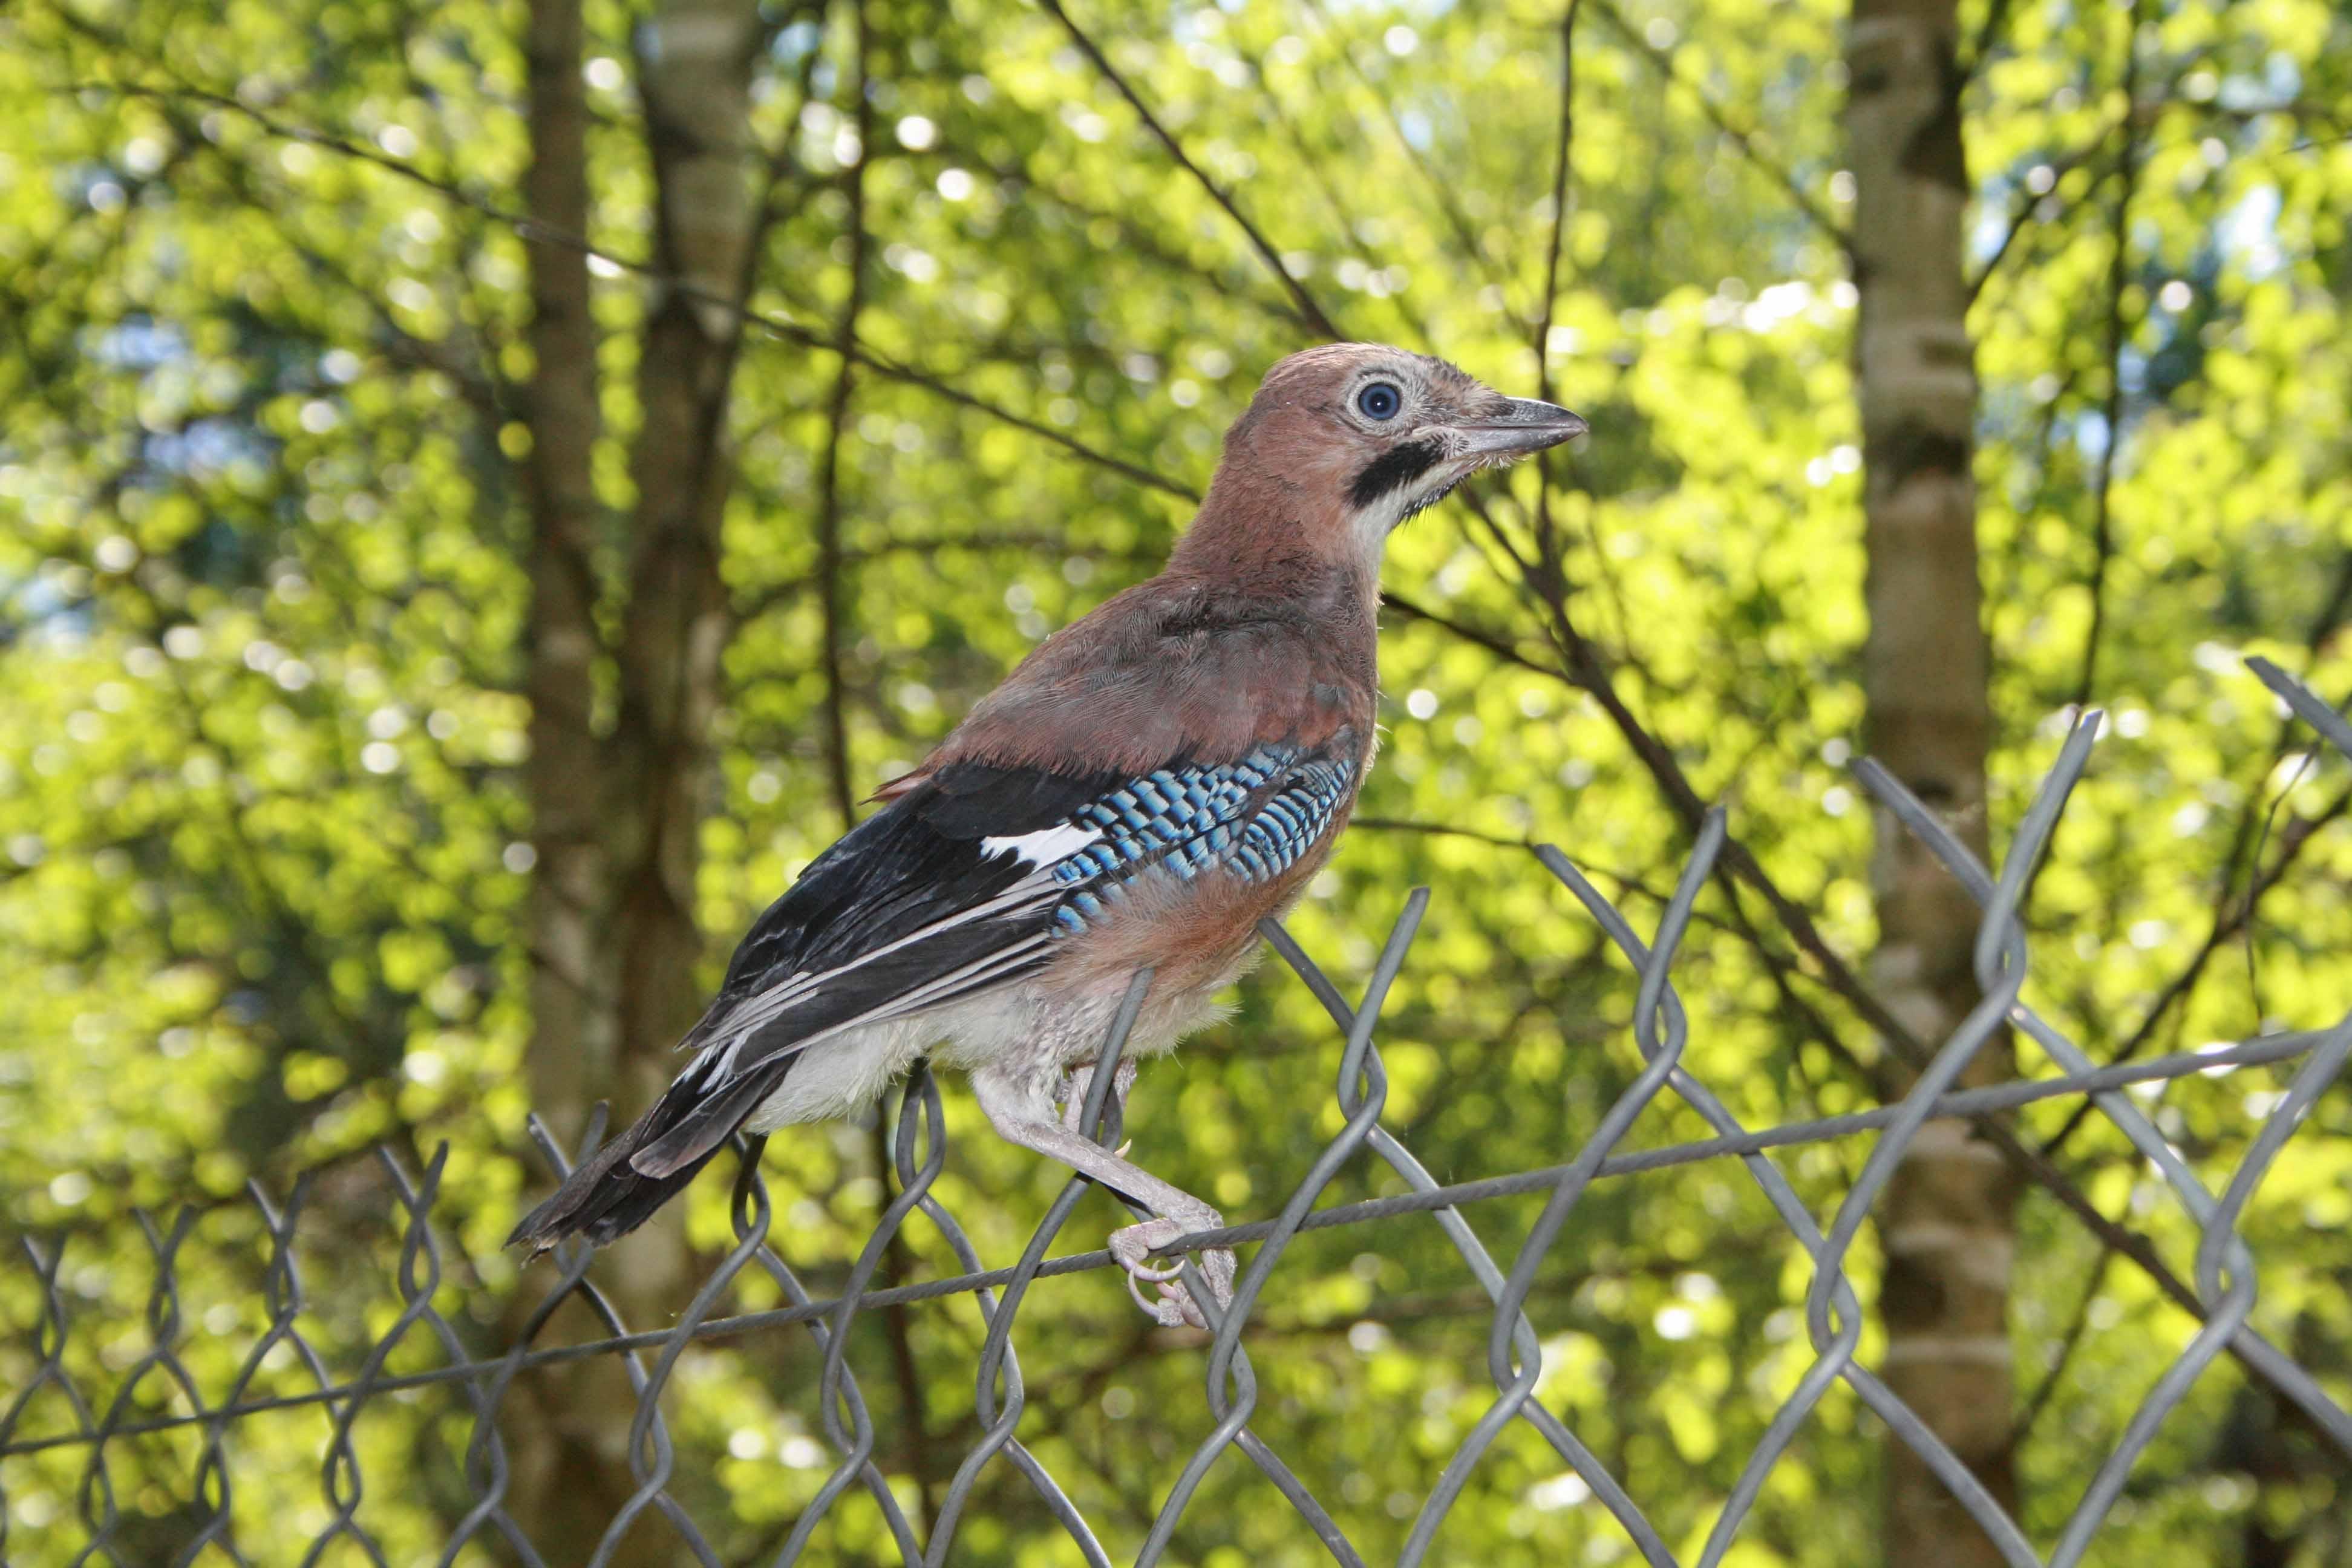 лесные птицы фото с названиями пензы вкусно, атмосфера приятная